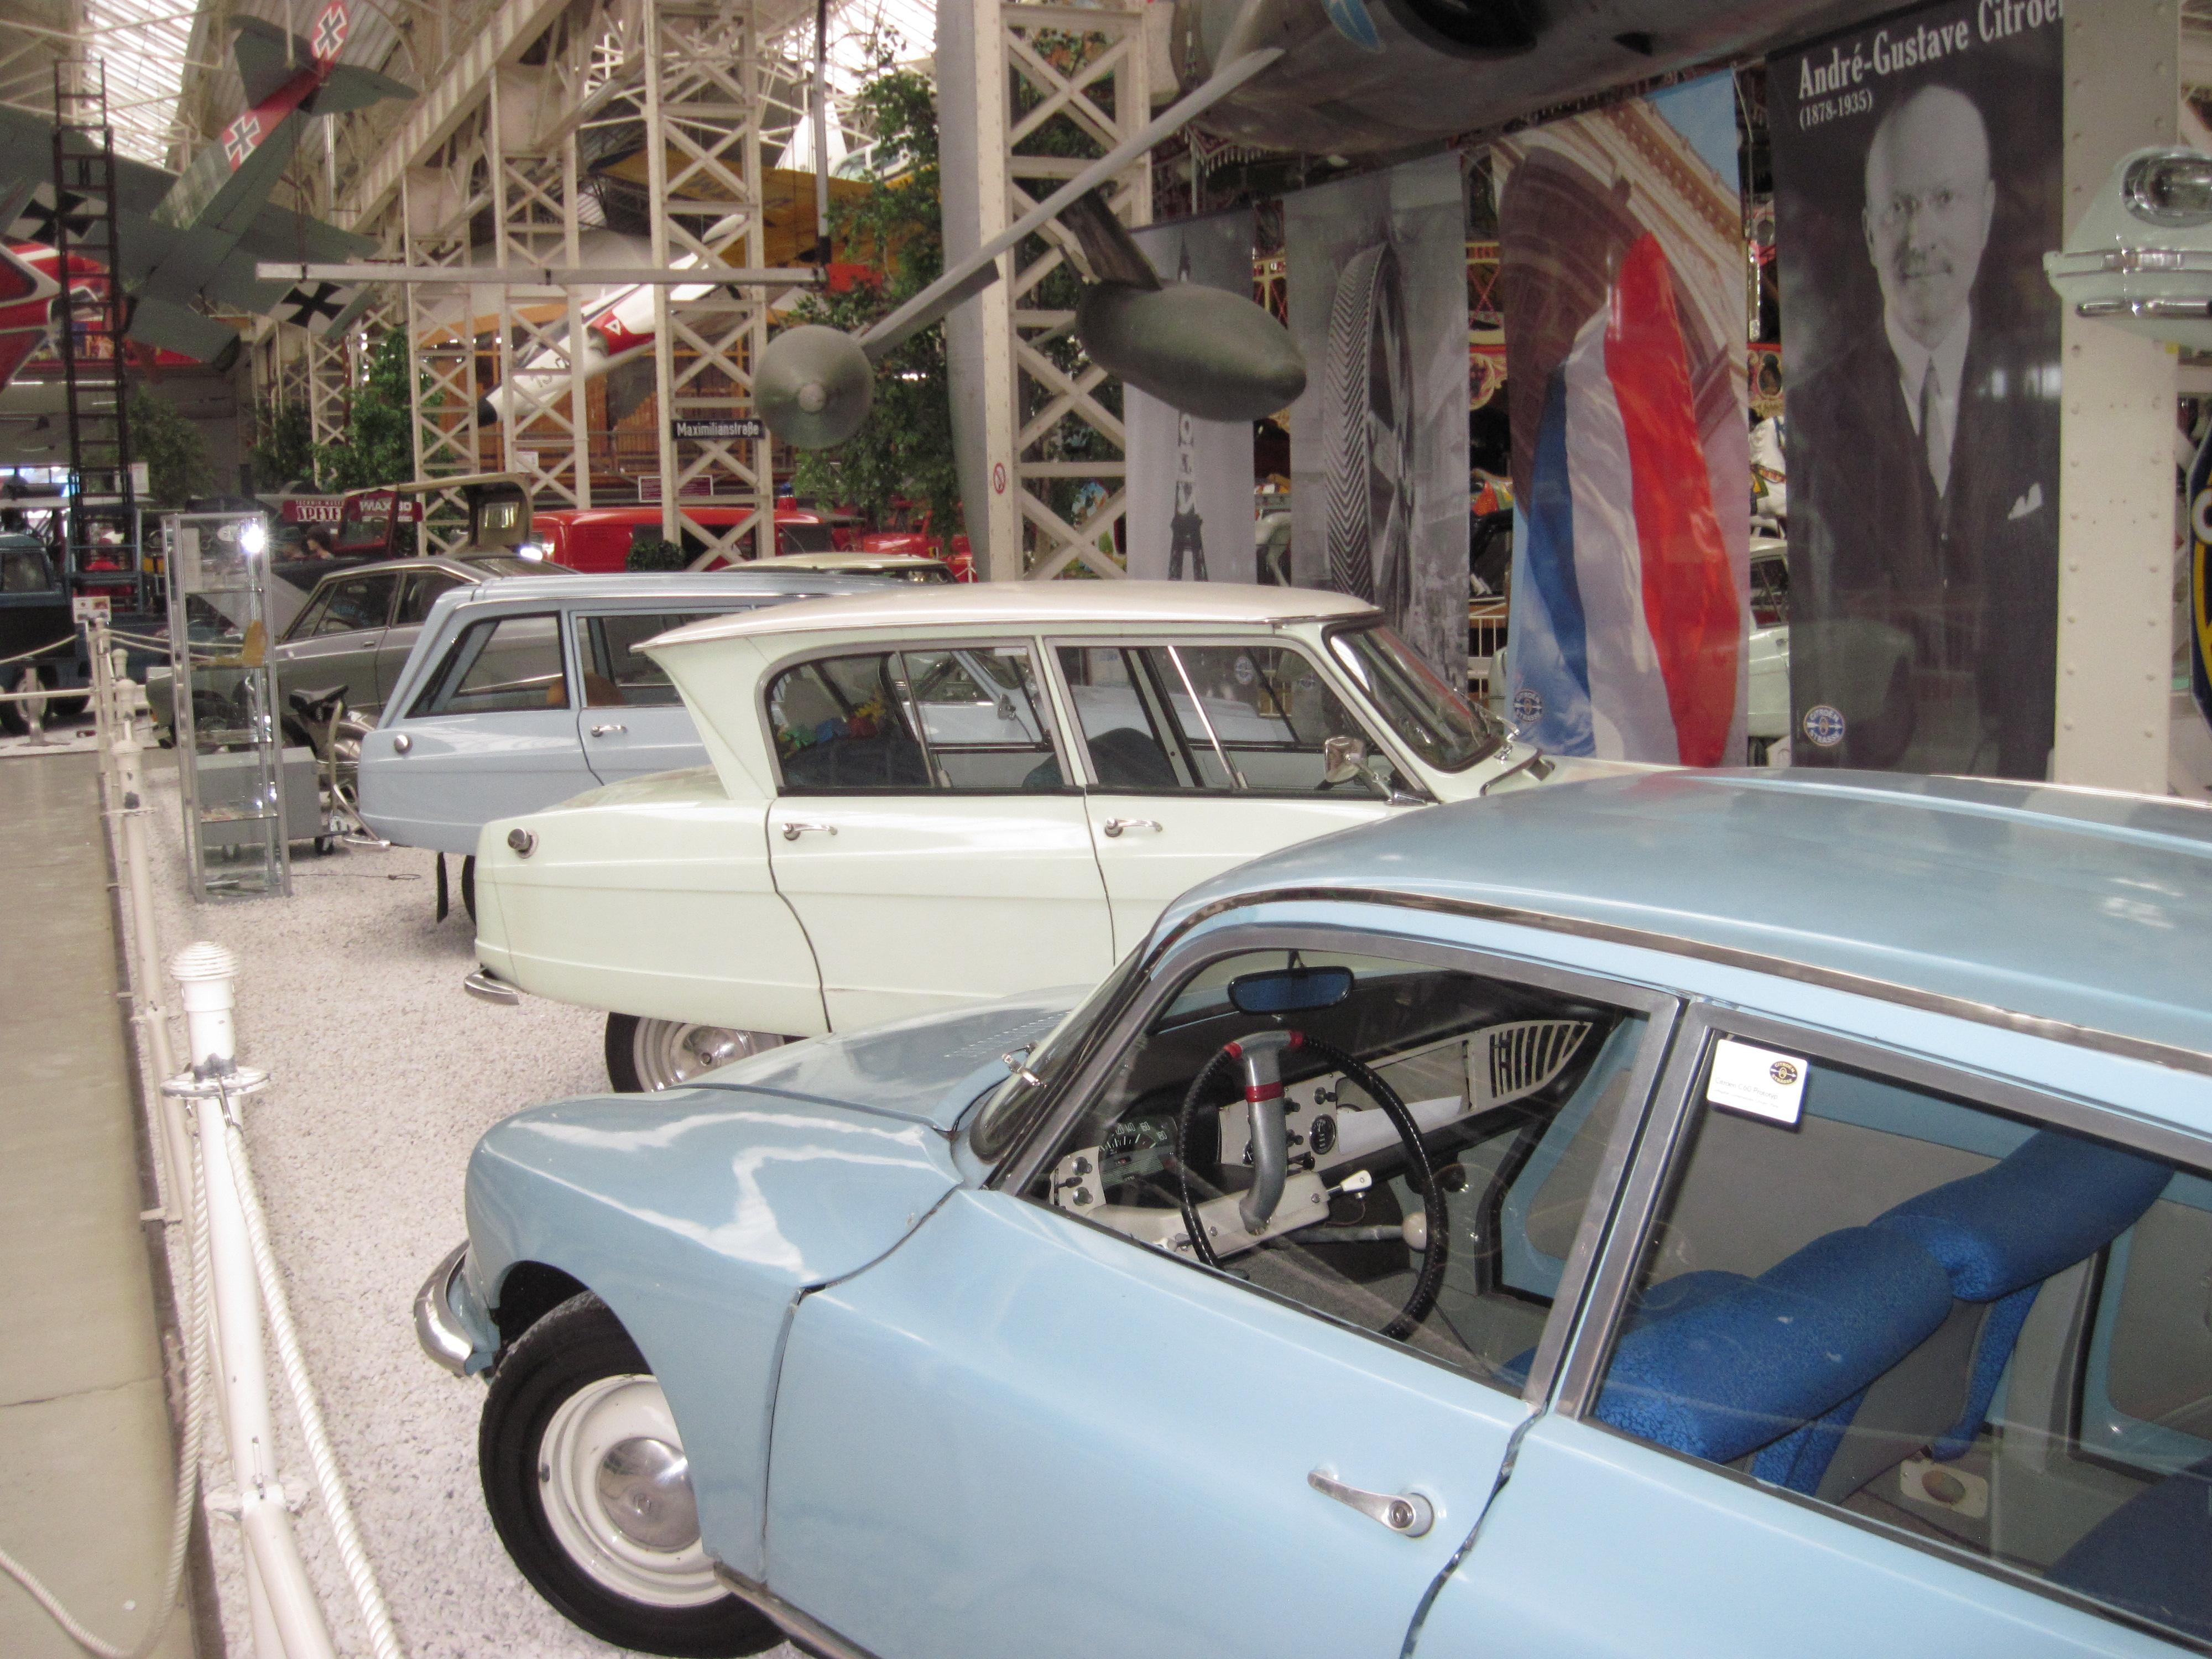 50 Jahre André Citroën Club